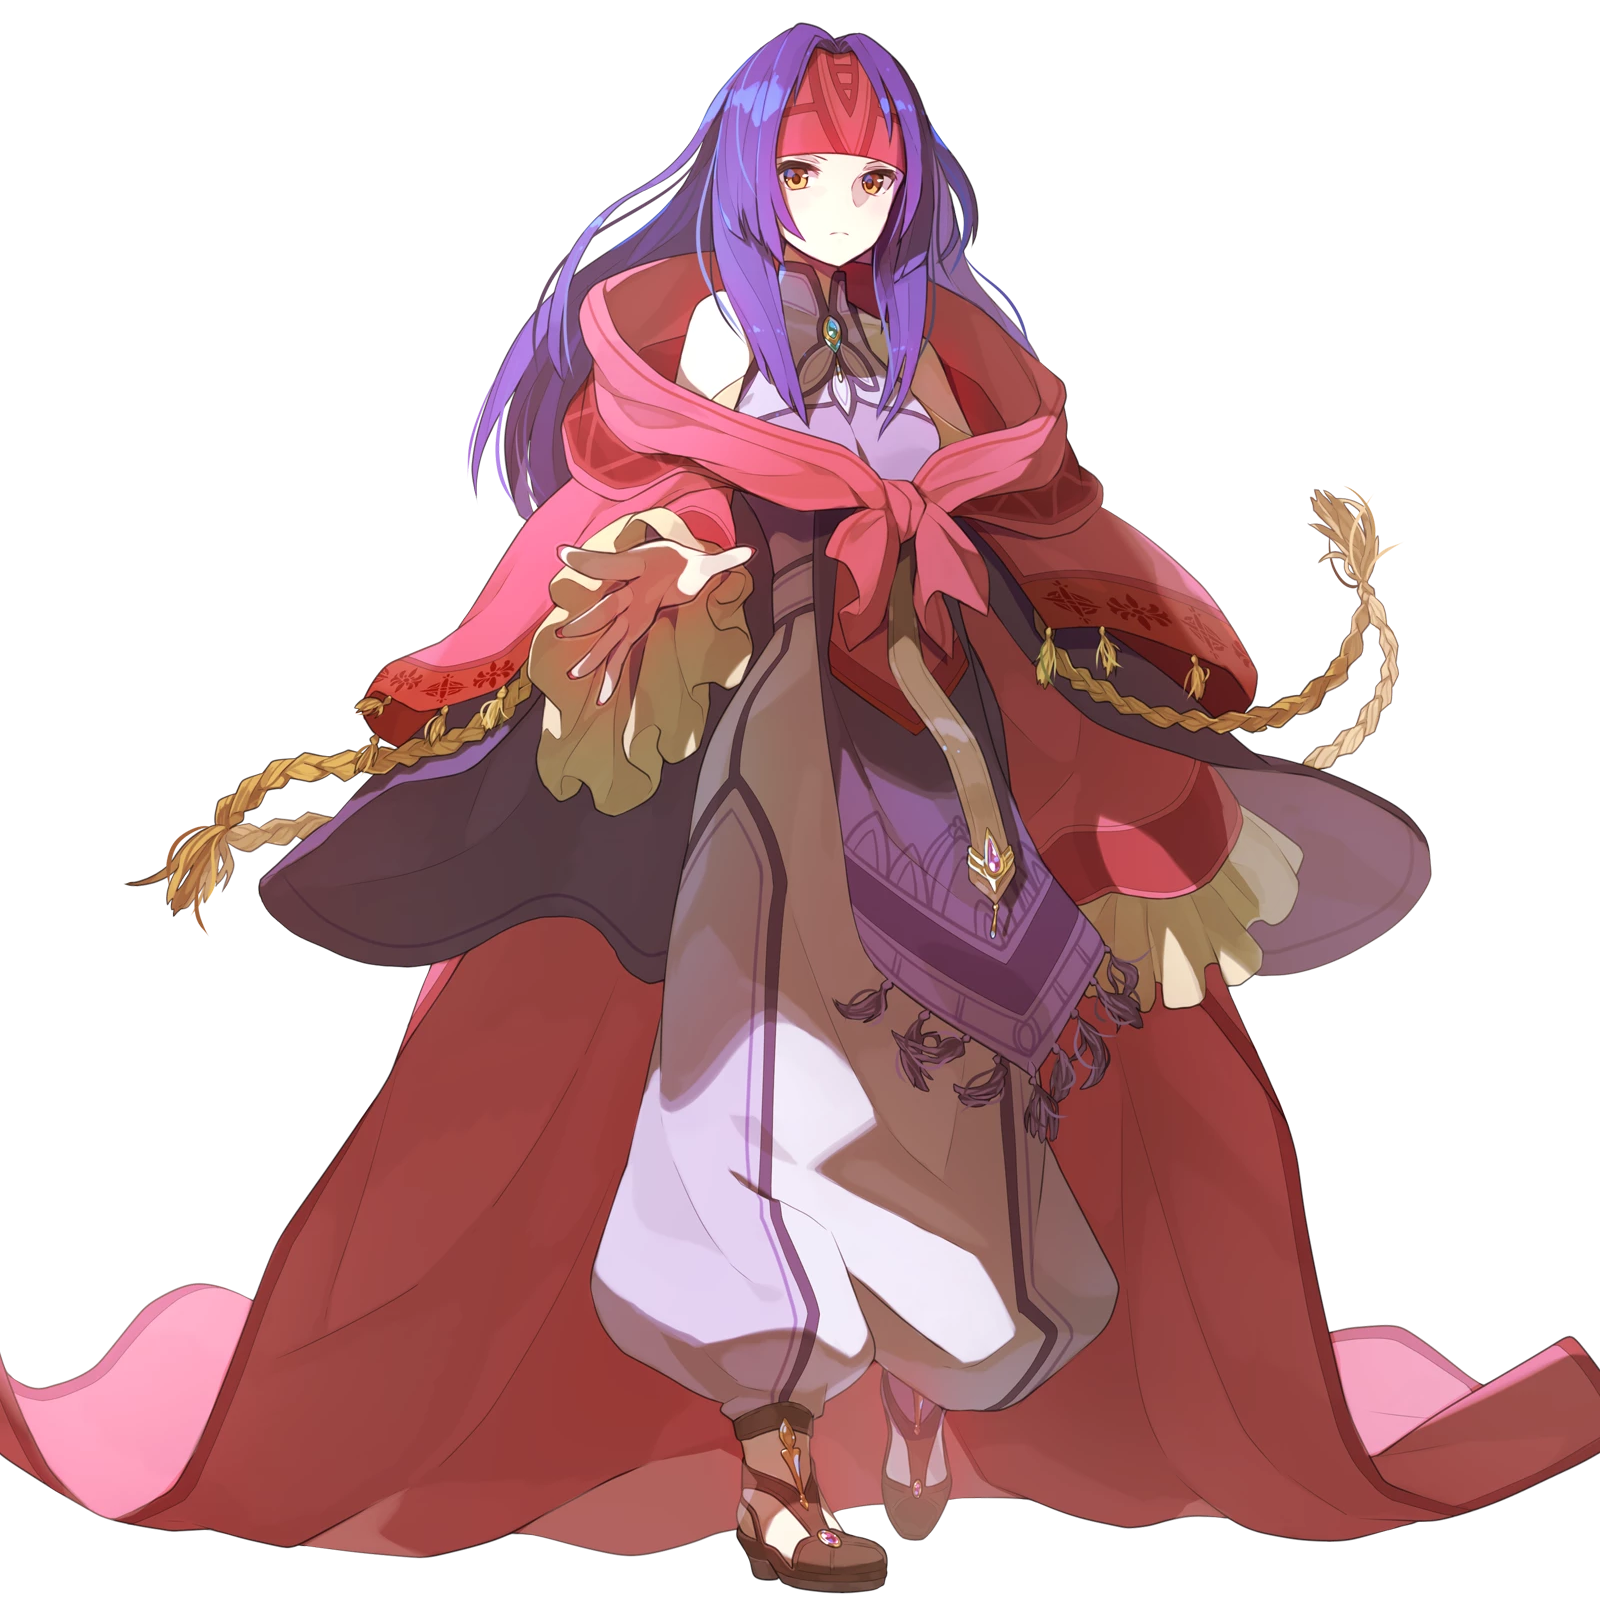 Sanaki (Fire Emblem Heroes) from Fire Emblem Radiant Dawn